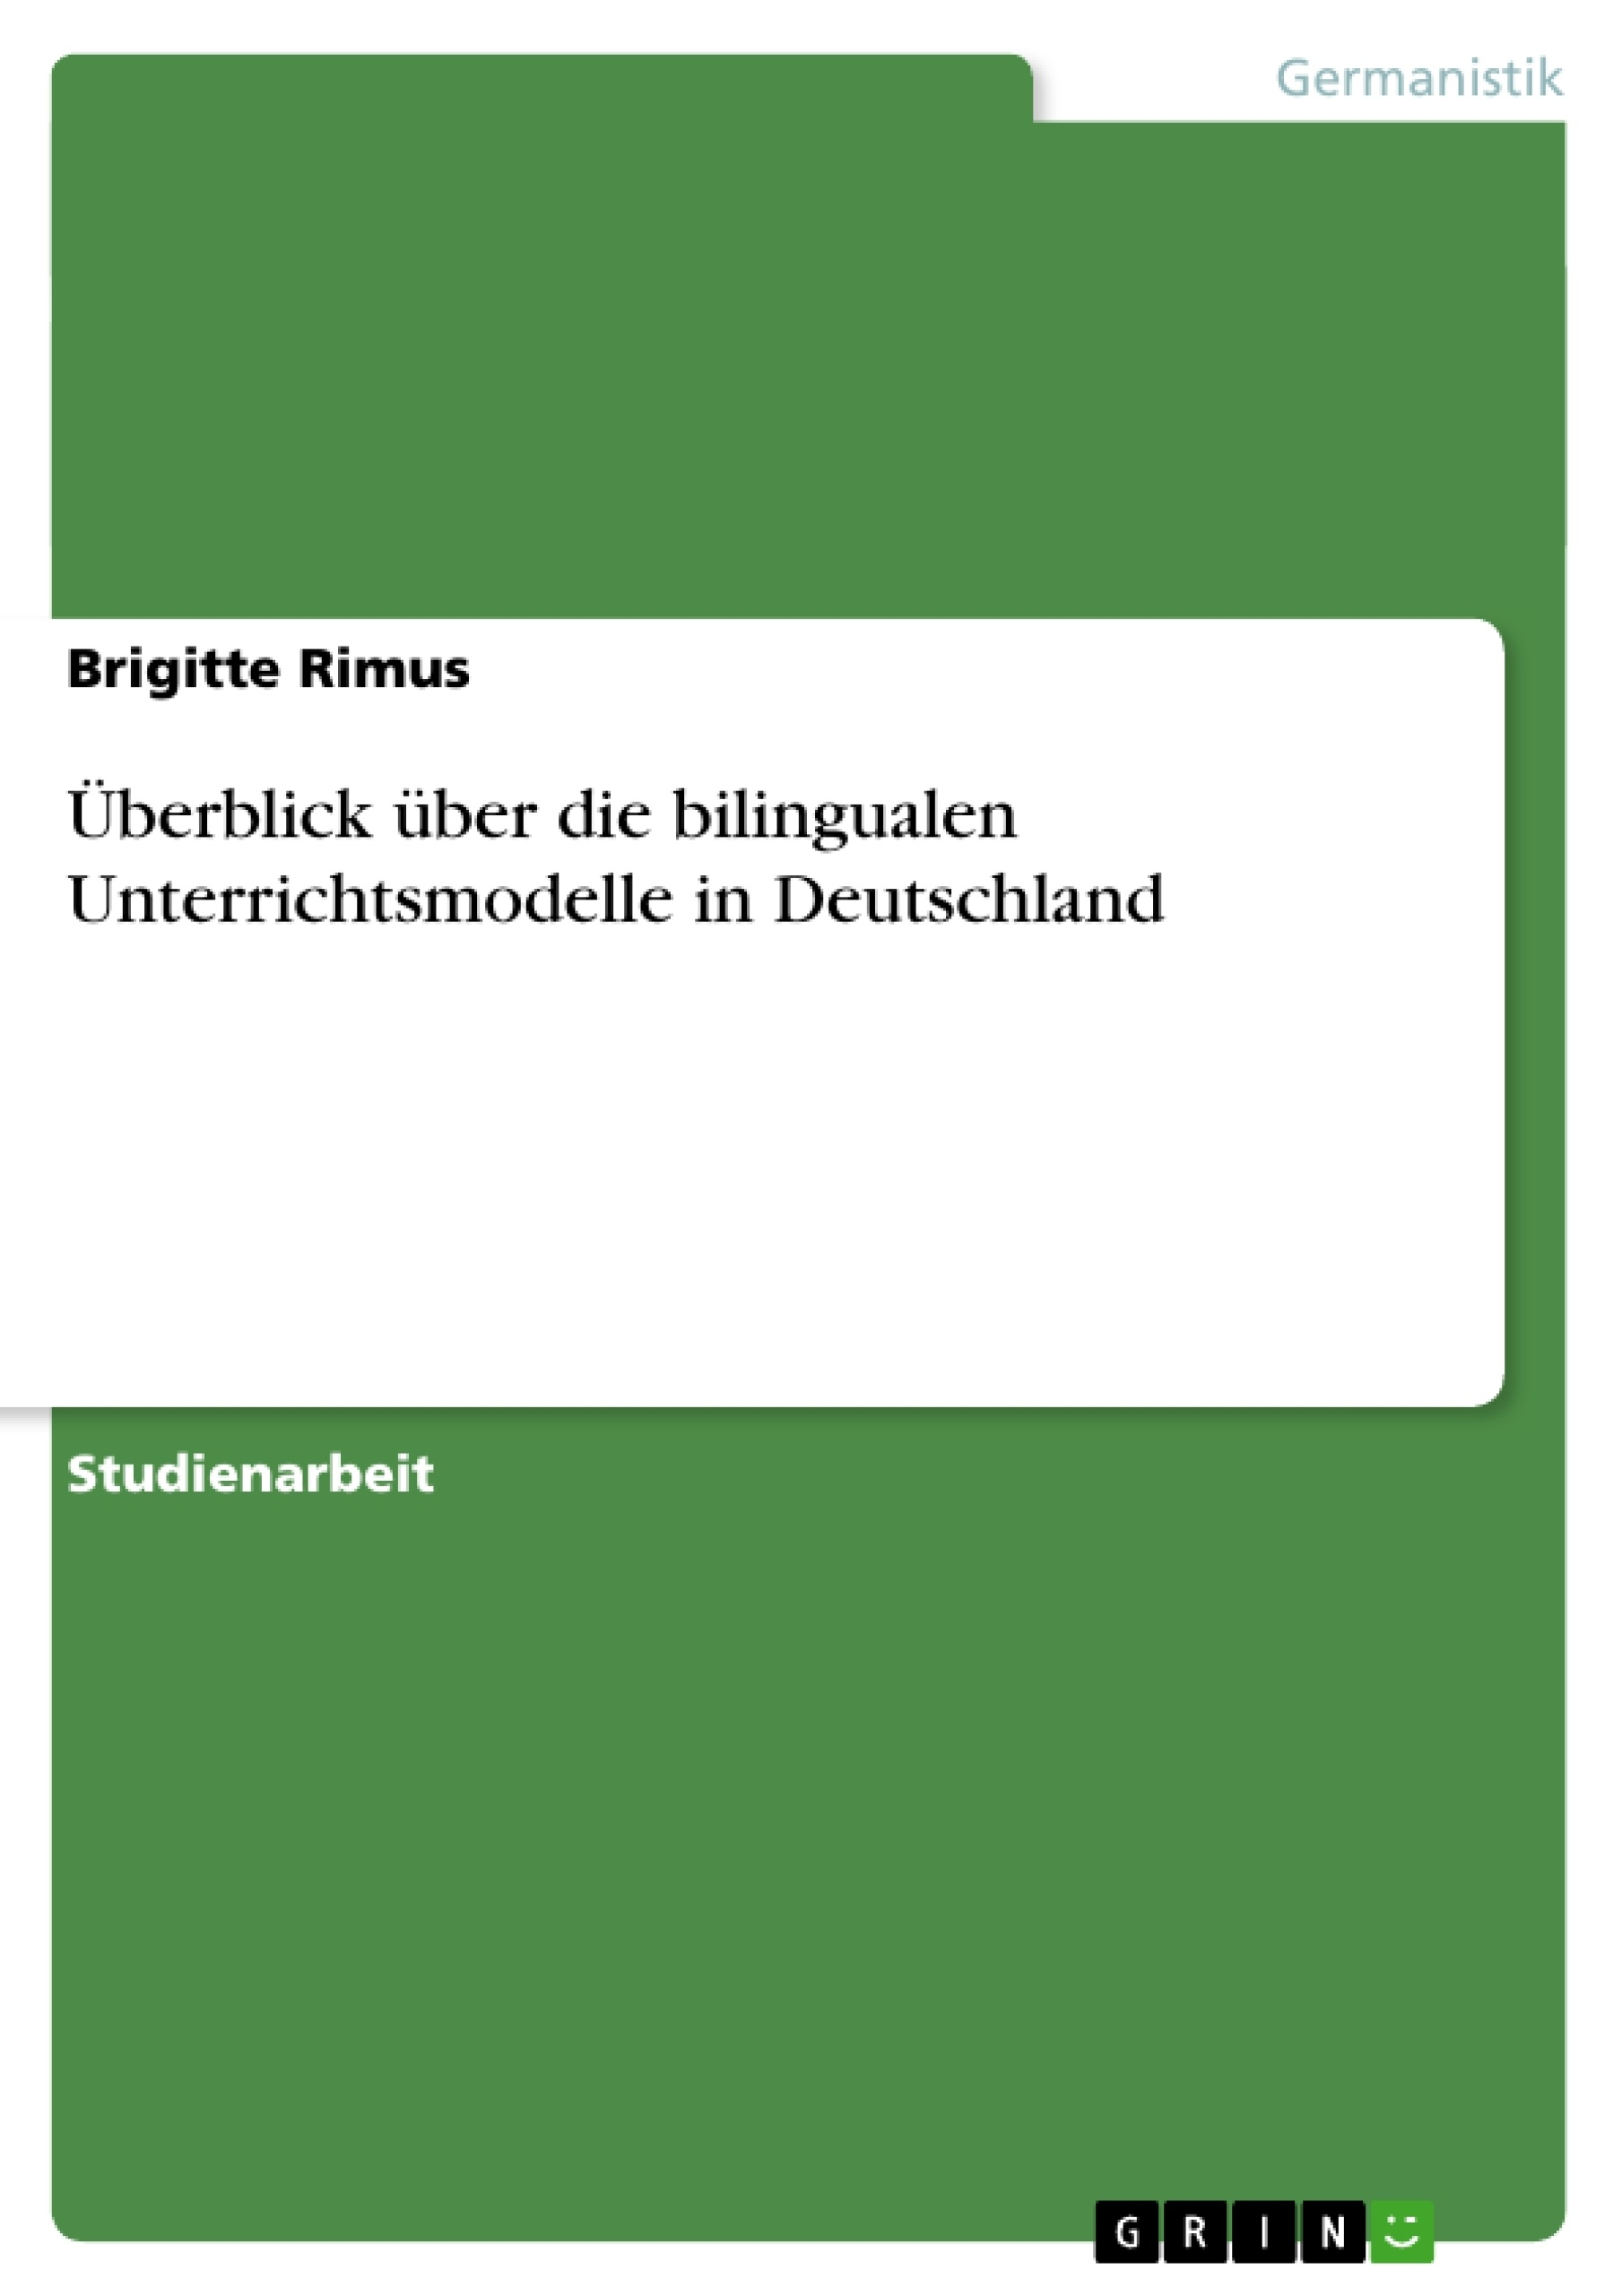 Titel: Überblick über die bilingualen Unterrichtsmodelle in Deutschland